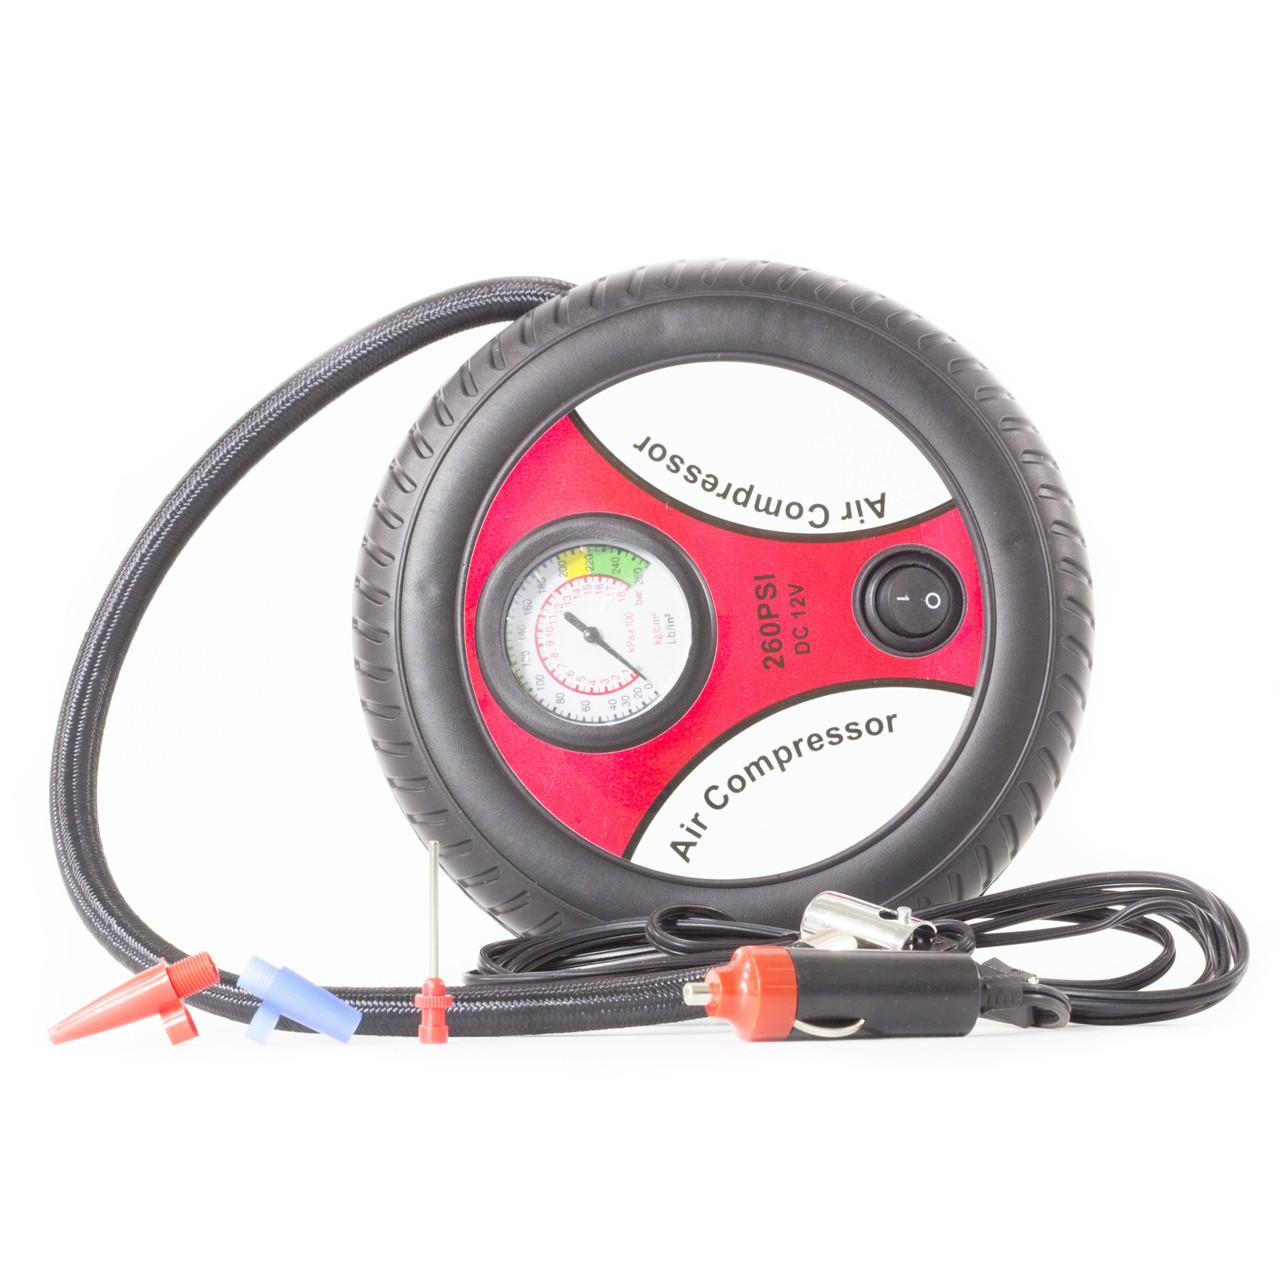 Автокомпрессор Lesko 260 PSI для машины автомобиля шины качать насос двигатель колесо